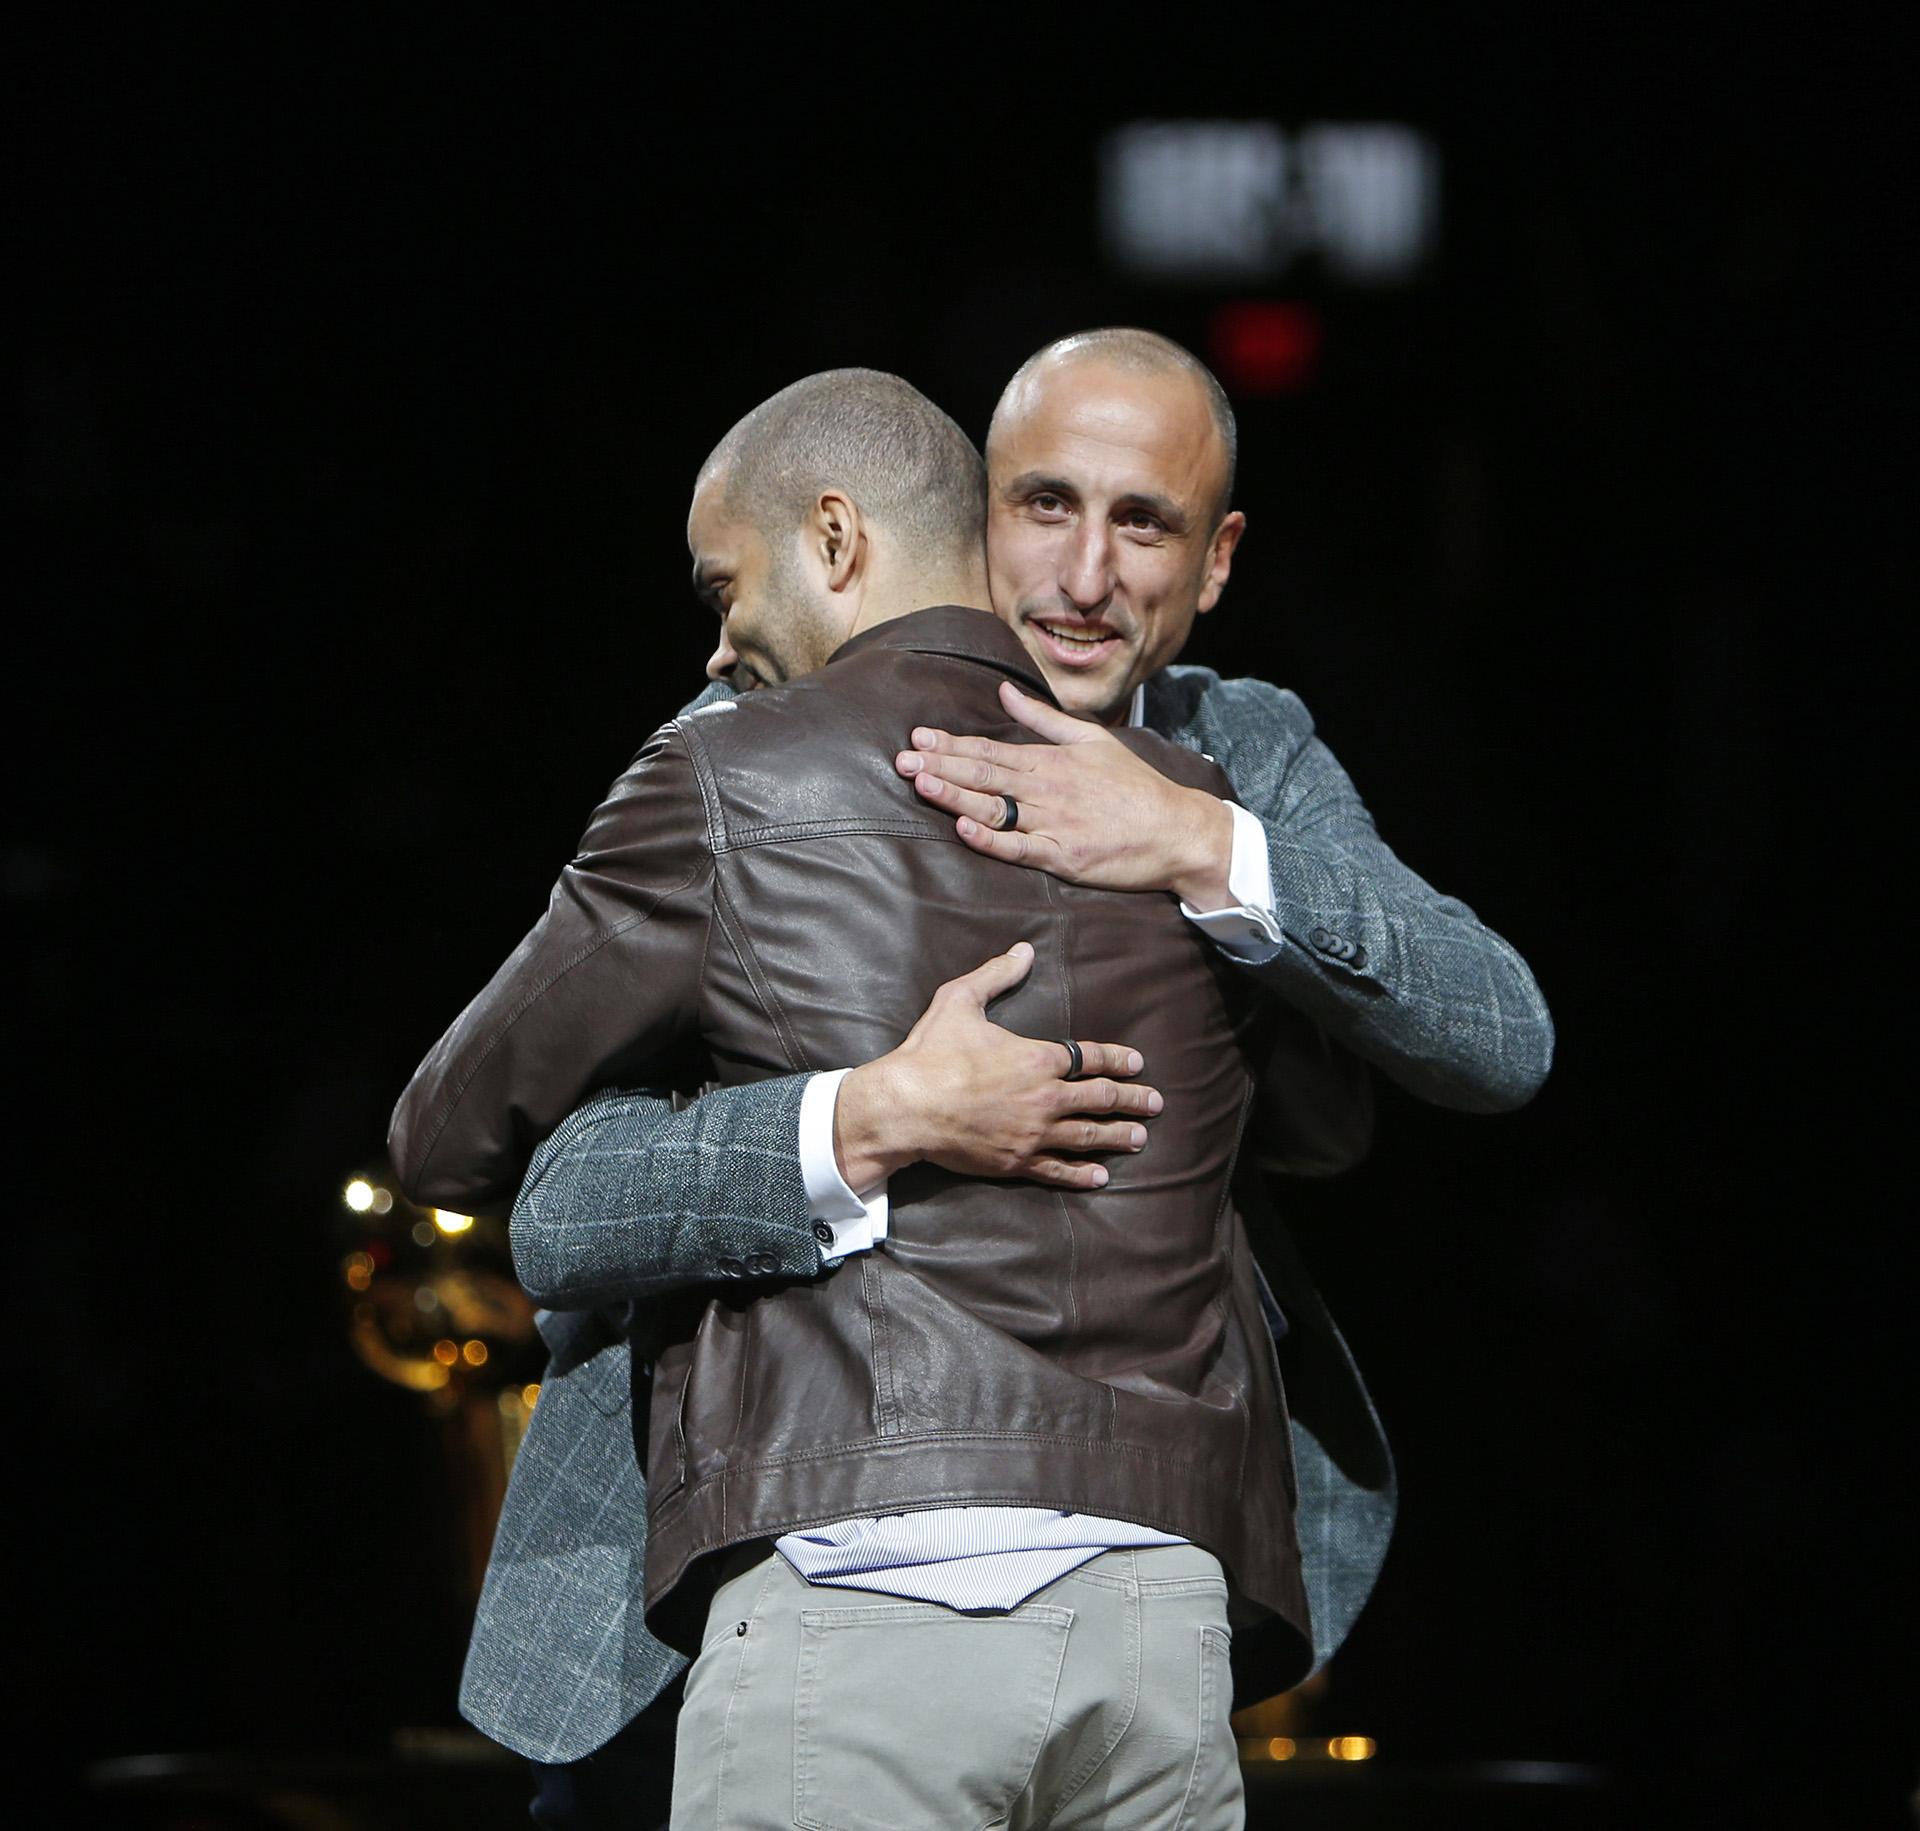 Manu Ginobili abraza al ex compañero de equipo Tony Parker durante su fiesta homenaje en AT&T Center en San Antonio